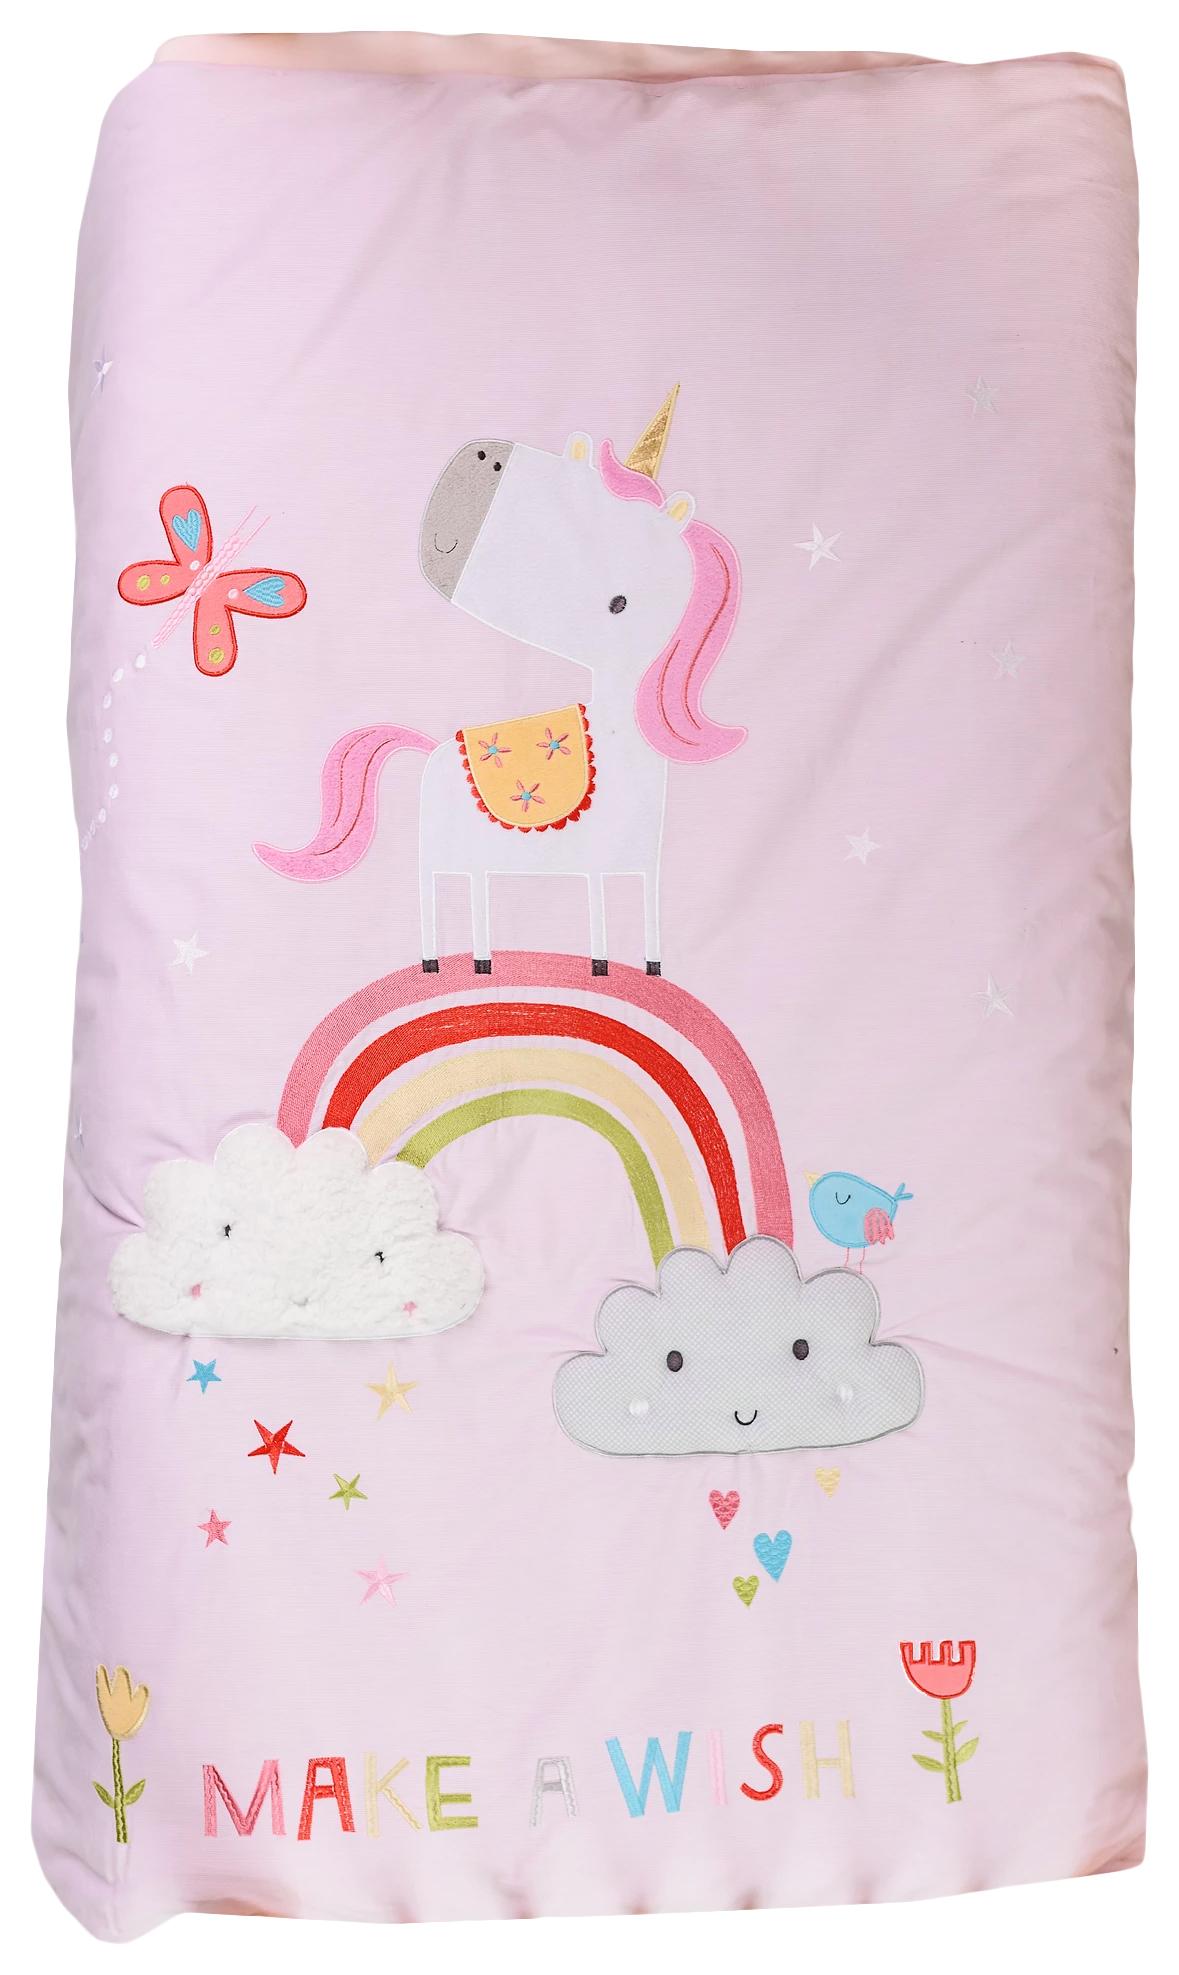 Купить Одеяло Bizzi Growin (Биззи Гровин) Rainbow and Unicorns 120*100 BG001, Одеяла для новорожденных